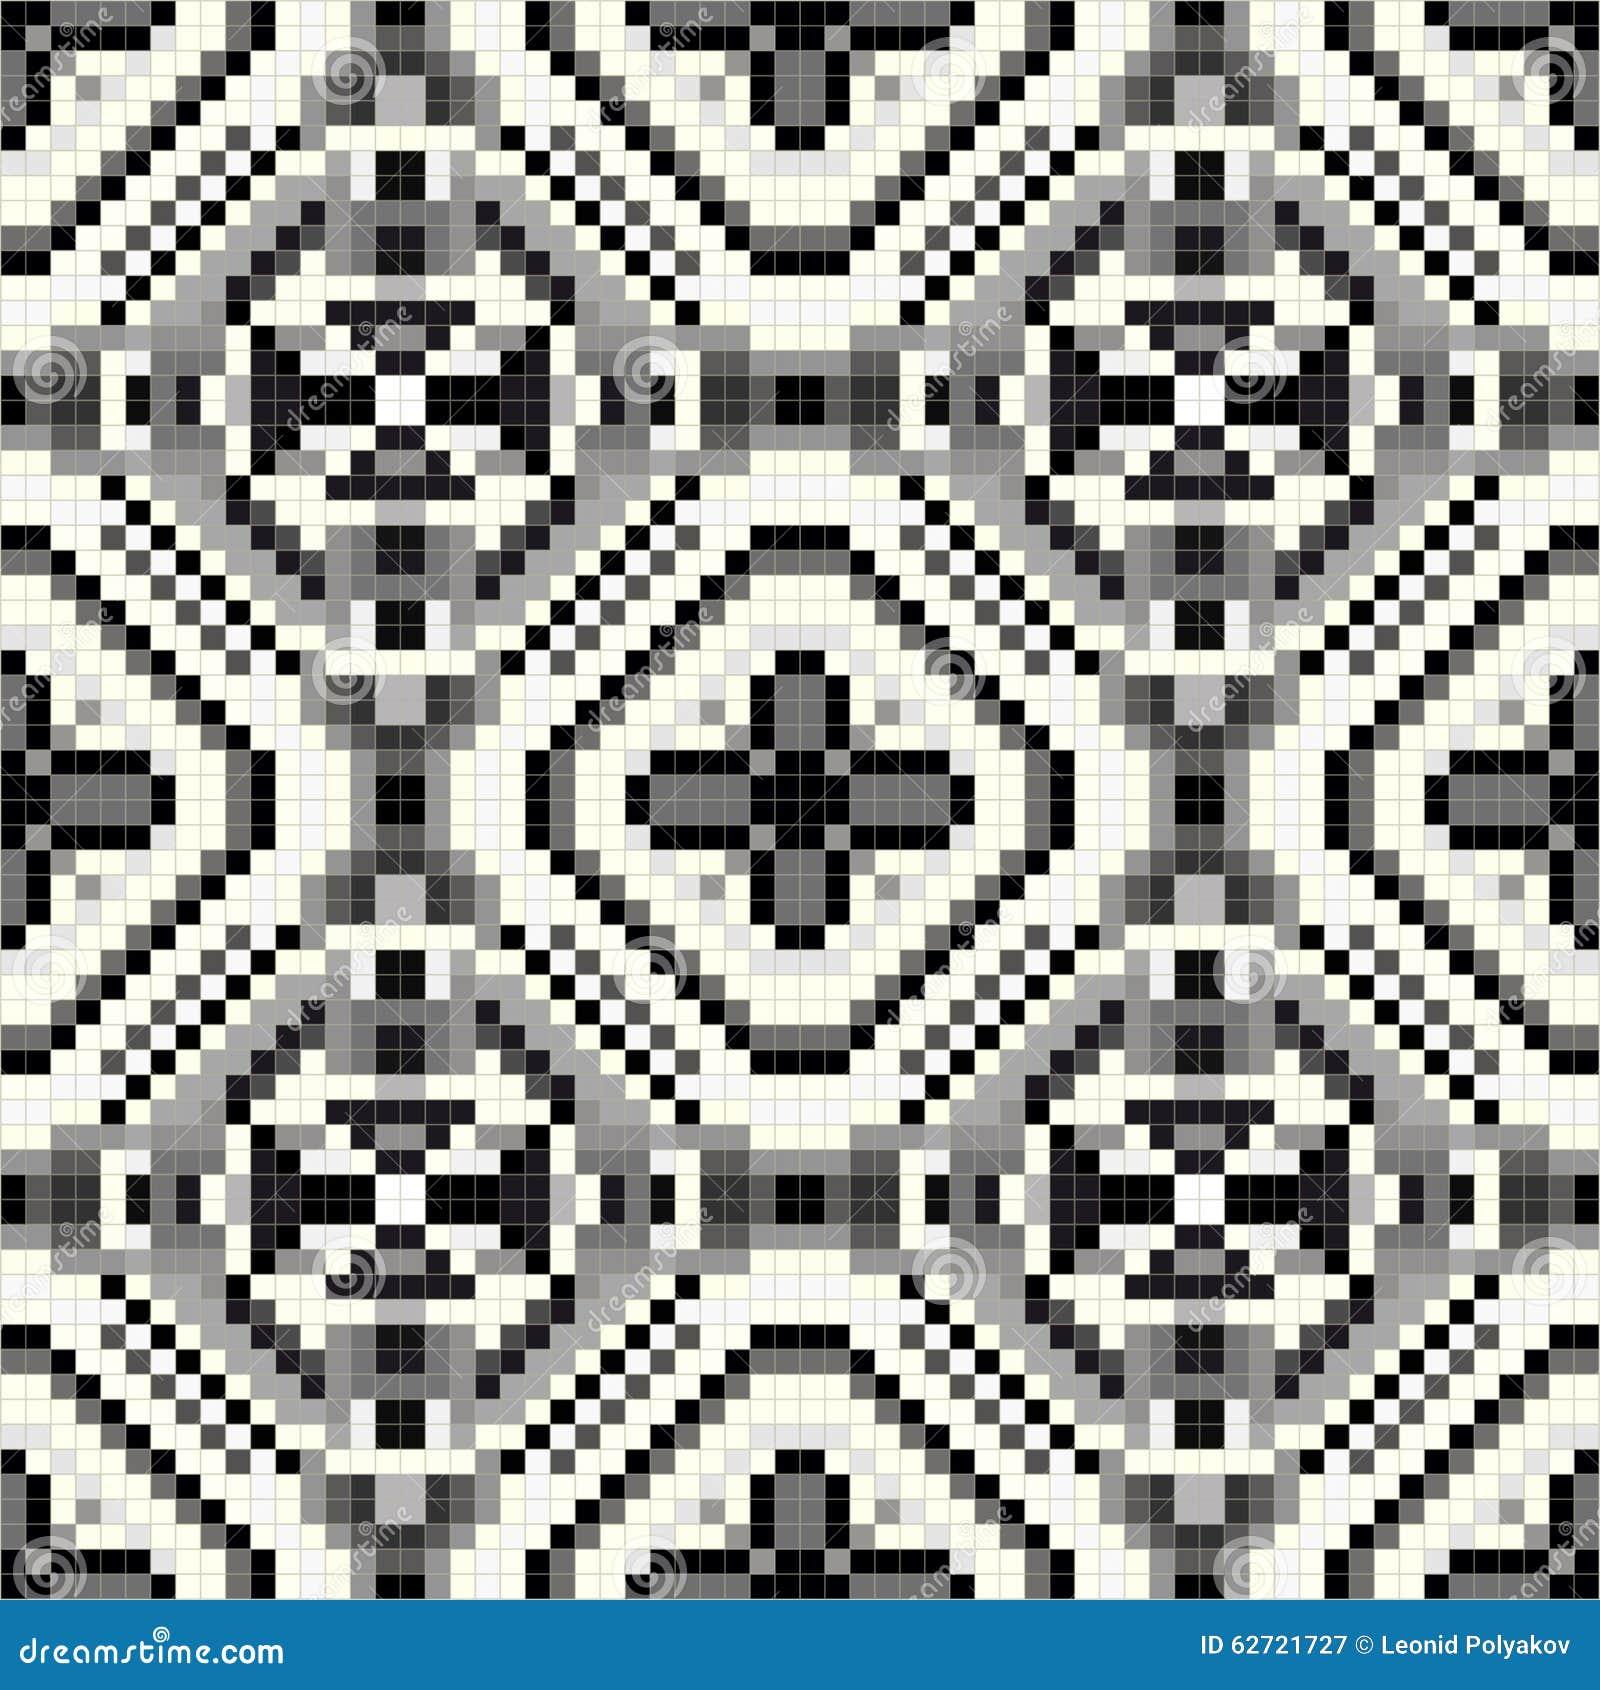 Όμορφο μονοχρωματικό άνευ ραφής γεωμετρικό σχέδιο εικονοκυττάρου